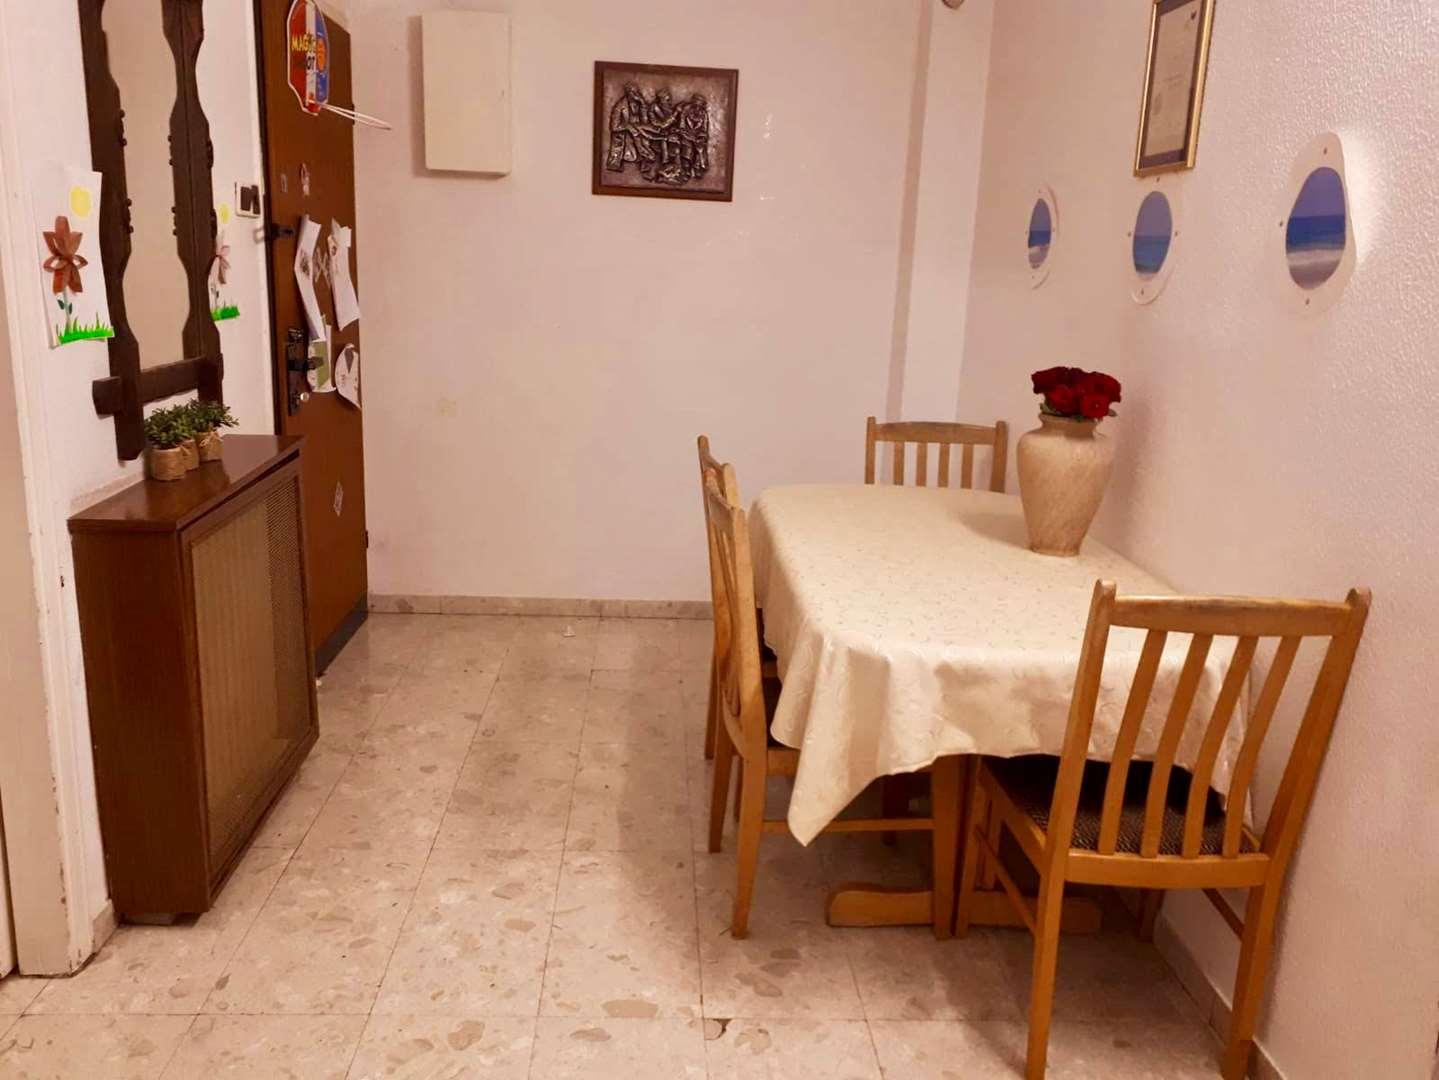 דירה, 3.5 חדרים, קוסובסקי 8, ירו...